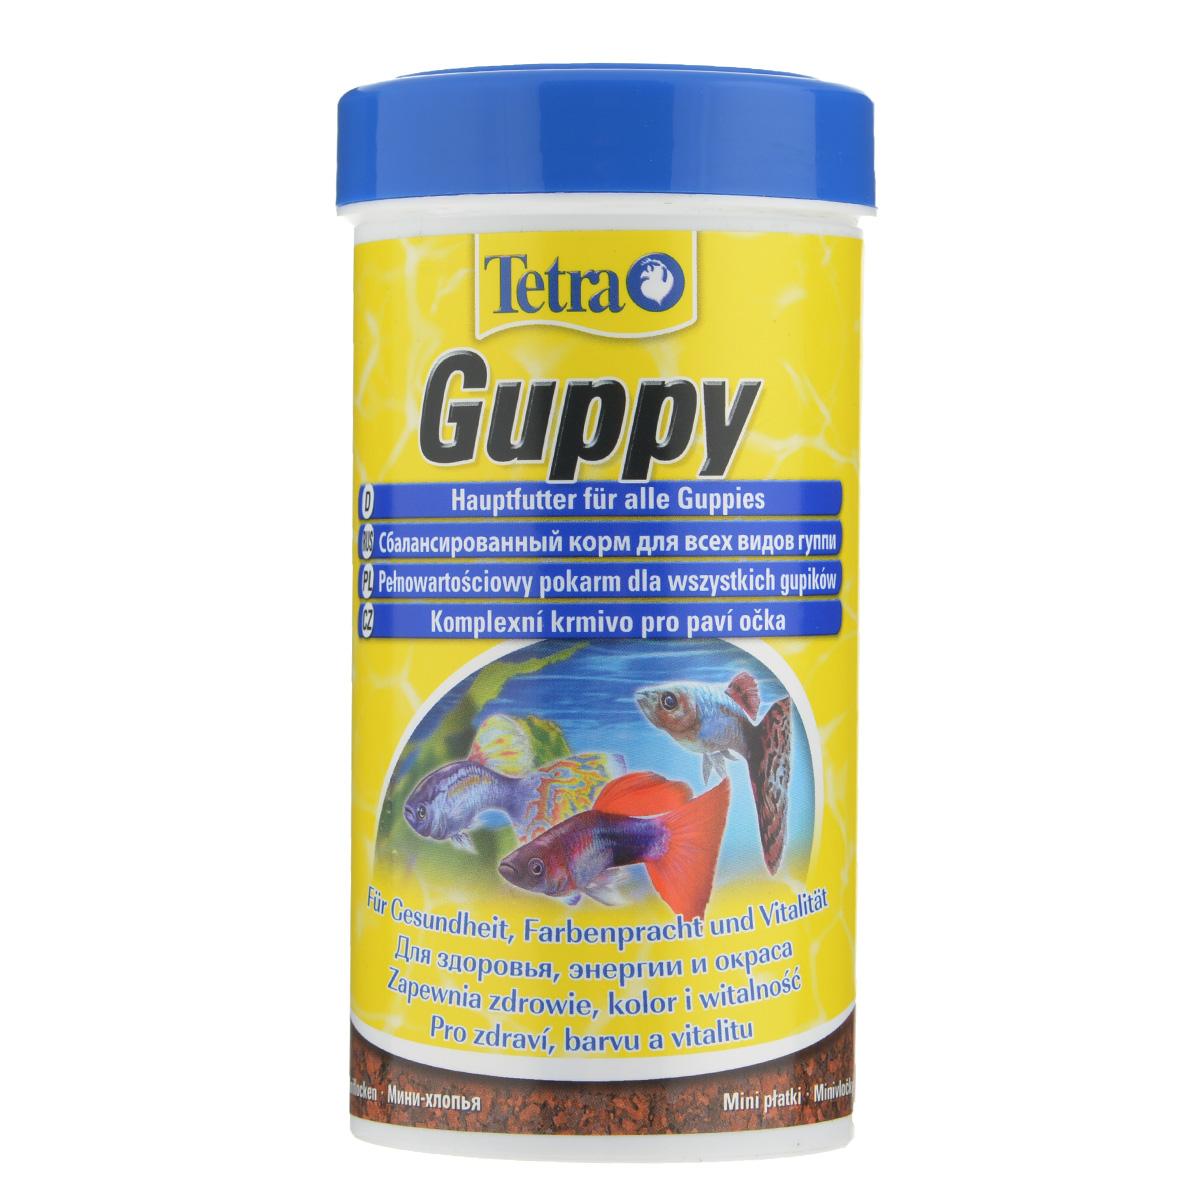 Корм Tetra Guppy для всех видов гуппи, в виде мини-хлопьев, 250 мл197237Корм Tetra Guppy - это высококачественный сбалансированный питательный корм в виде мини-хлопьев для всех видов гуппи, а также для других живородящих аквариумных рыб. Особенности Tetra Guppy:мини-хлопья изготовлены специально для маленьких ртов гуппи и других живородящих рыб,высокое содержание растительных ингредиентов и минералов для улучшения вкусовых качеств и роста,усилители окраса для ярких цветов. Рекомендации по кормлению: кормить несколько раз в день маленькими порциями. Характеристики: Состав: экстракты растительного белка, зерновые культуры, дрожжи, моллюски и раки, масла и жиры, водоросли, сахар, минеральные вещества.Пищевая ценность: сырой белок - 45%, сырые масла и жиры - 8%, сырая клетчатка - 4,0%, влага - 8%.Добавки: витамины, провитамины и химические вещества с аналогичным воздействием: витамин А 27800 МЕ/кг, витамин Д3 850 МЕ/кг. Красители, антиоксиданты. Вес: 250 мл (75 г).Товар сертифицирован.